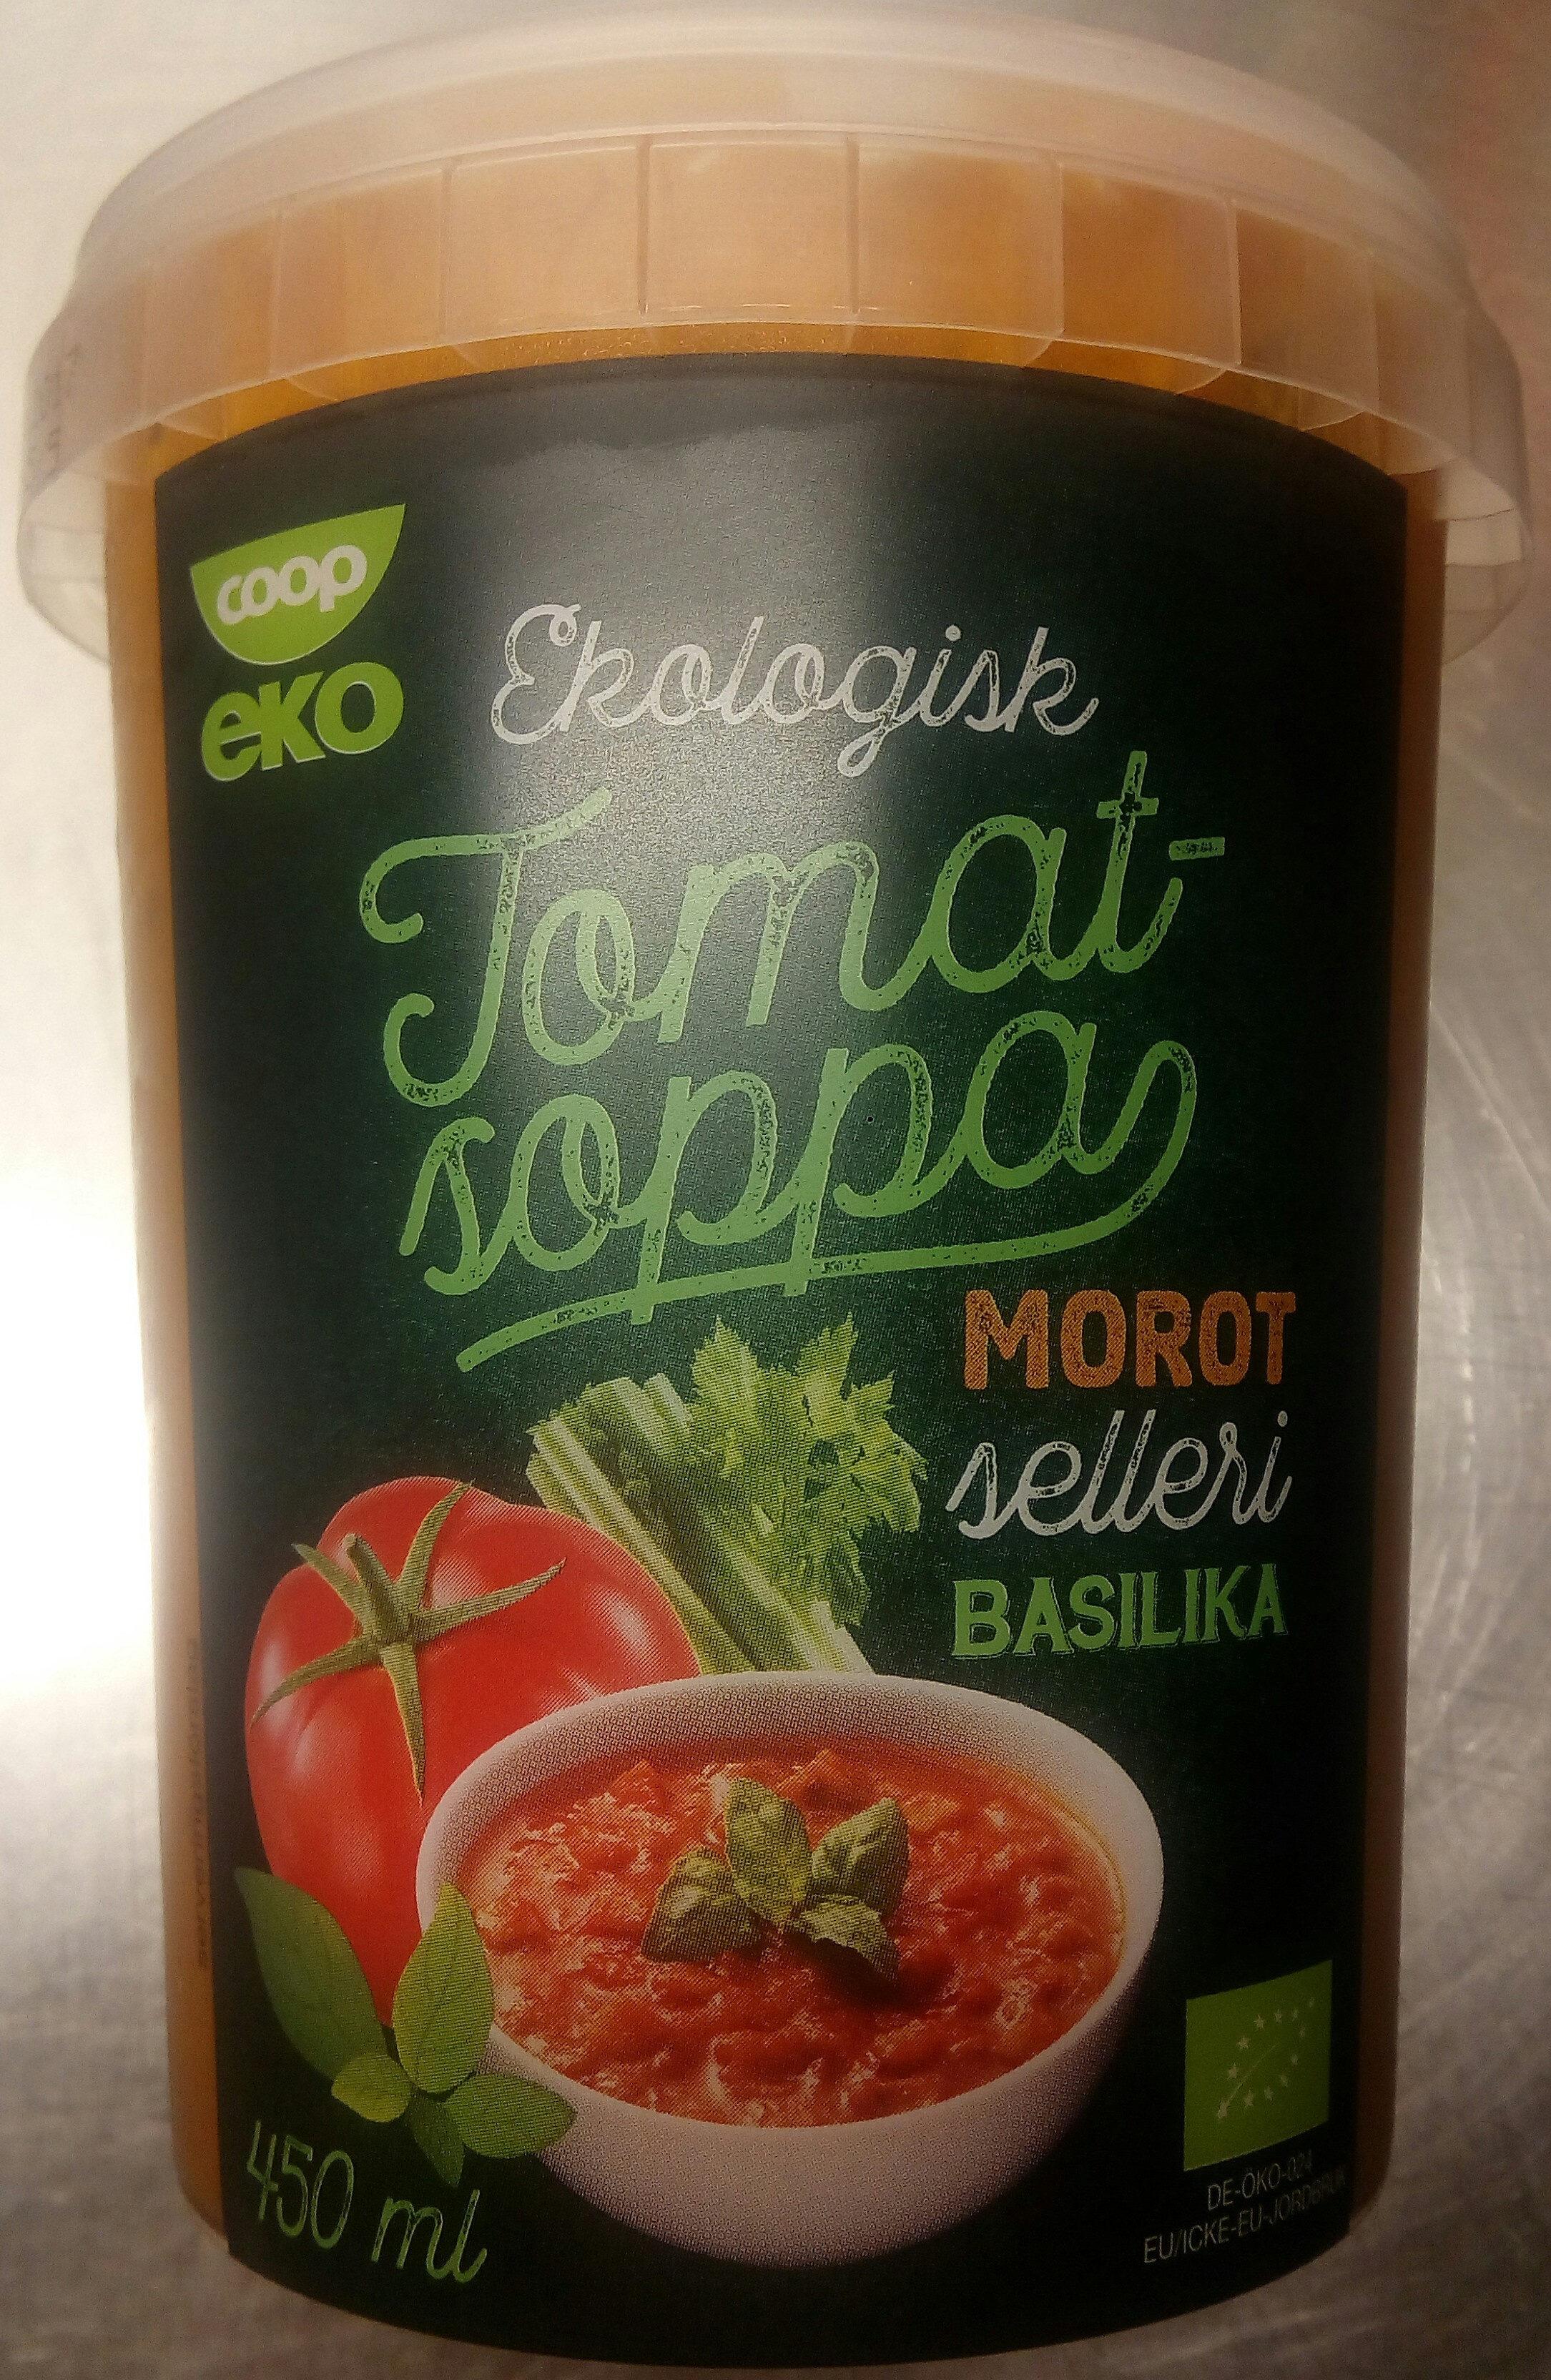 Coop eko Ekologisk Tomatsoppa Morot, selleri, basilika - Produit - sv